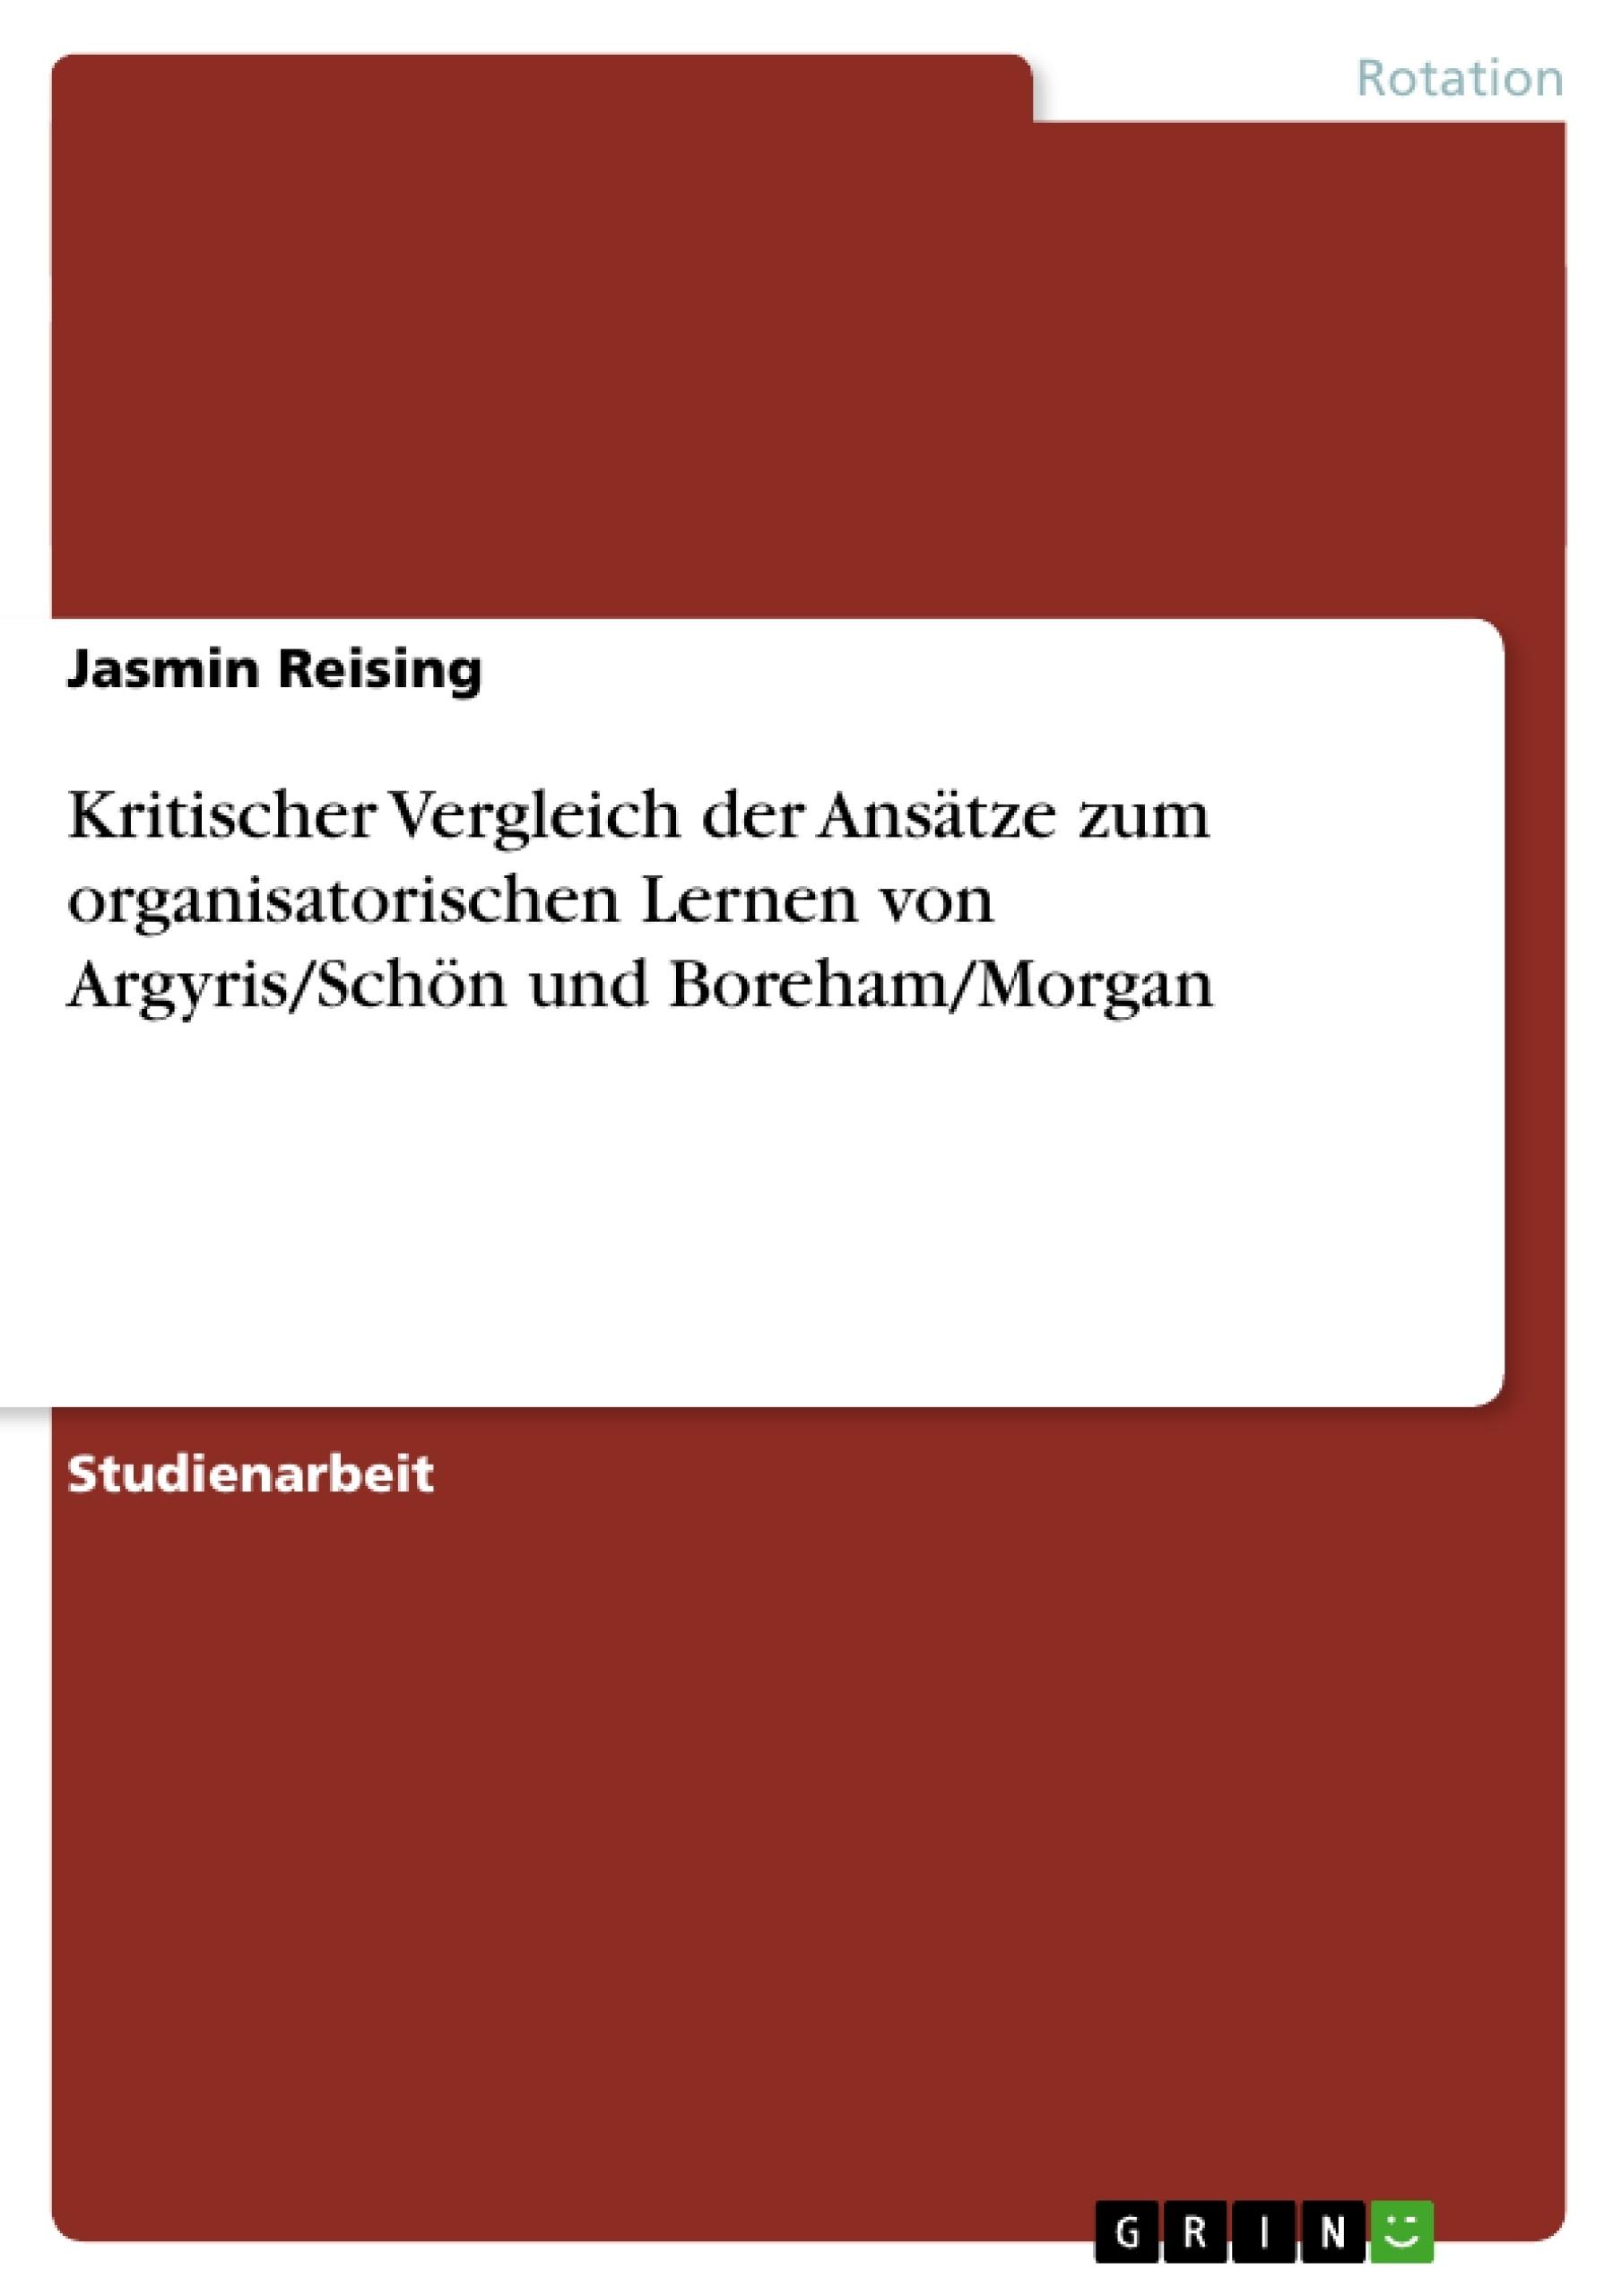 Titel: Kritischer Vergleich der Ansätze zum organisatorischen Lernen von Argyris/Schön und Boreham/Morgan